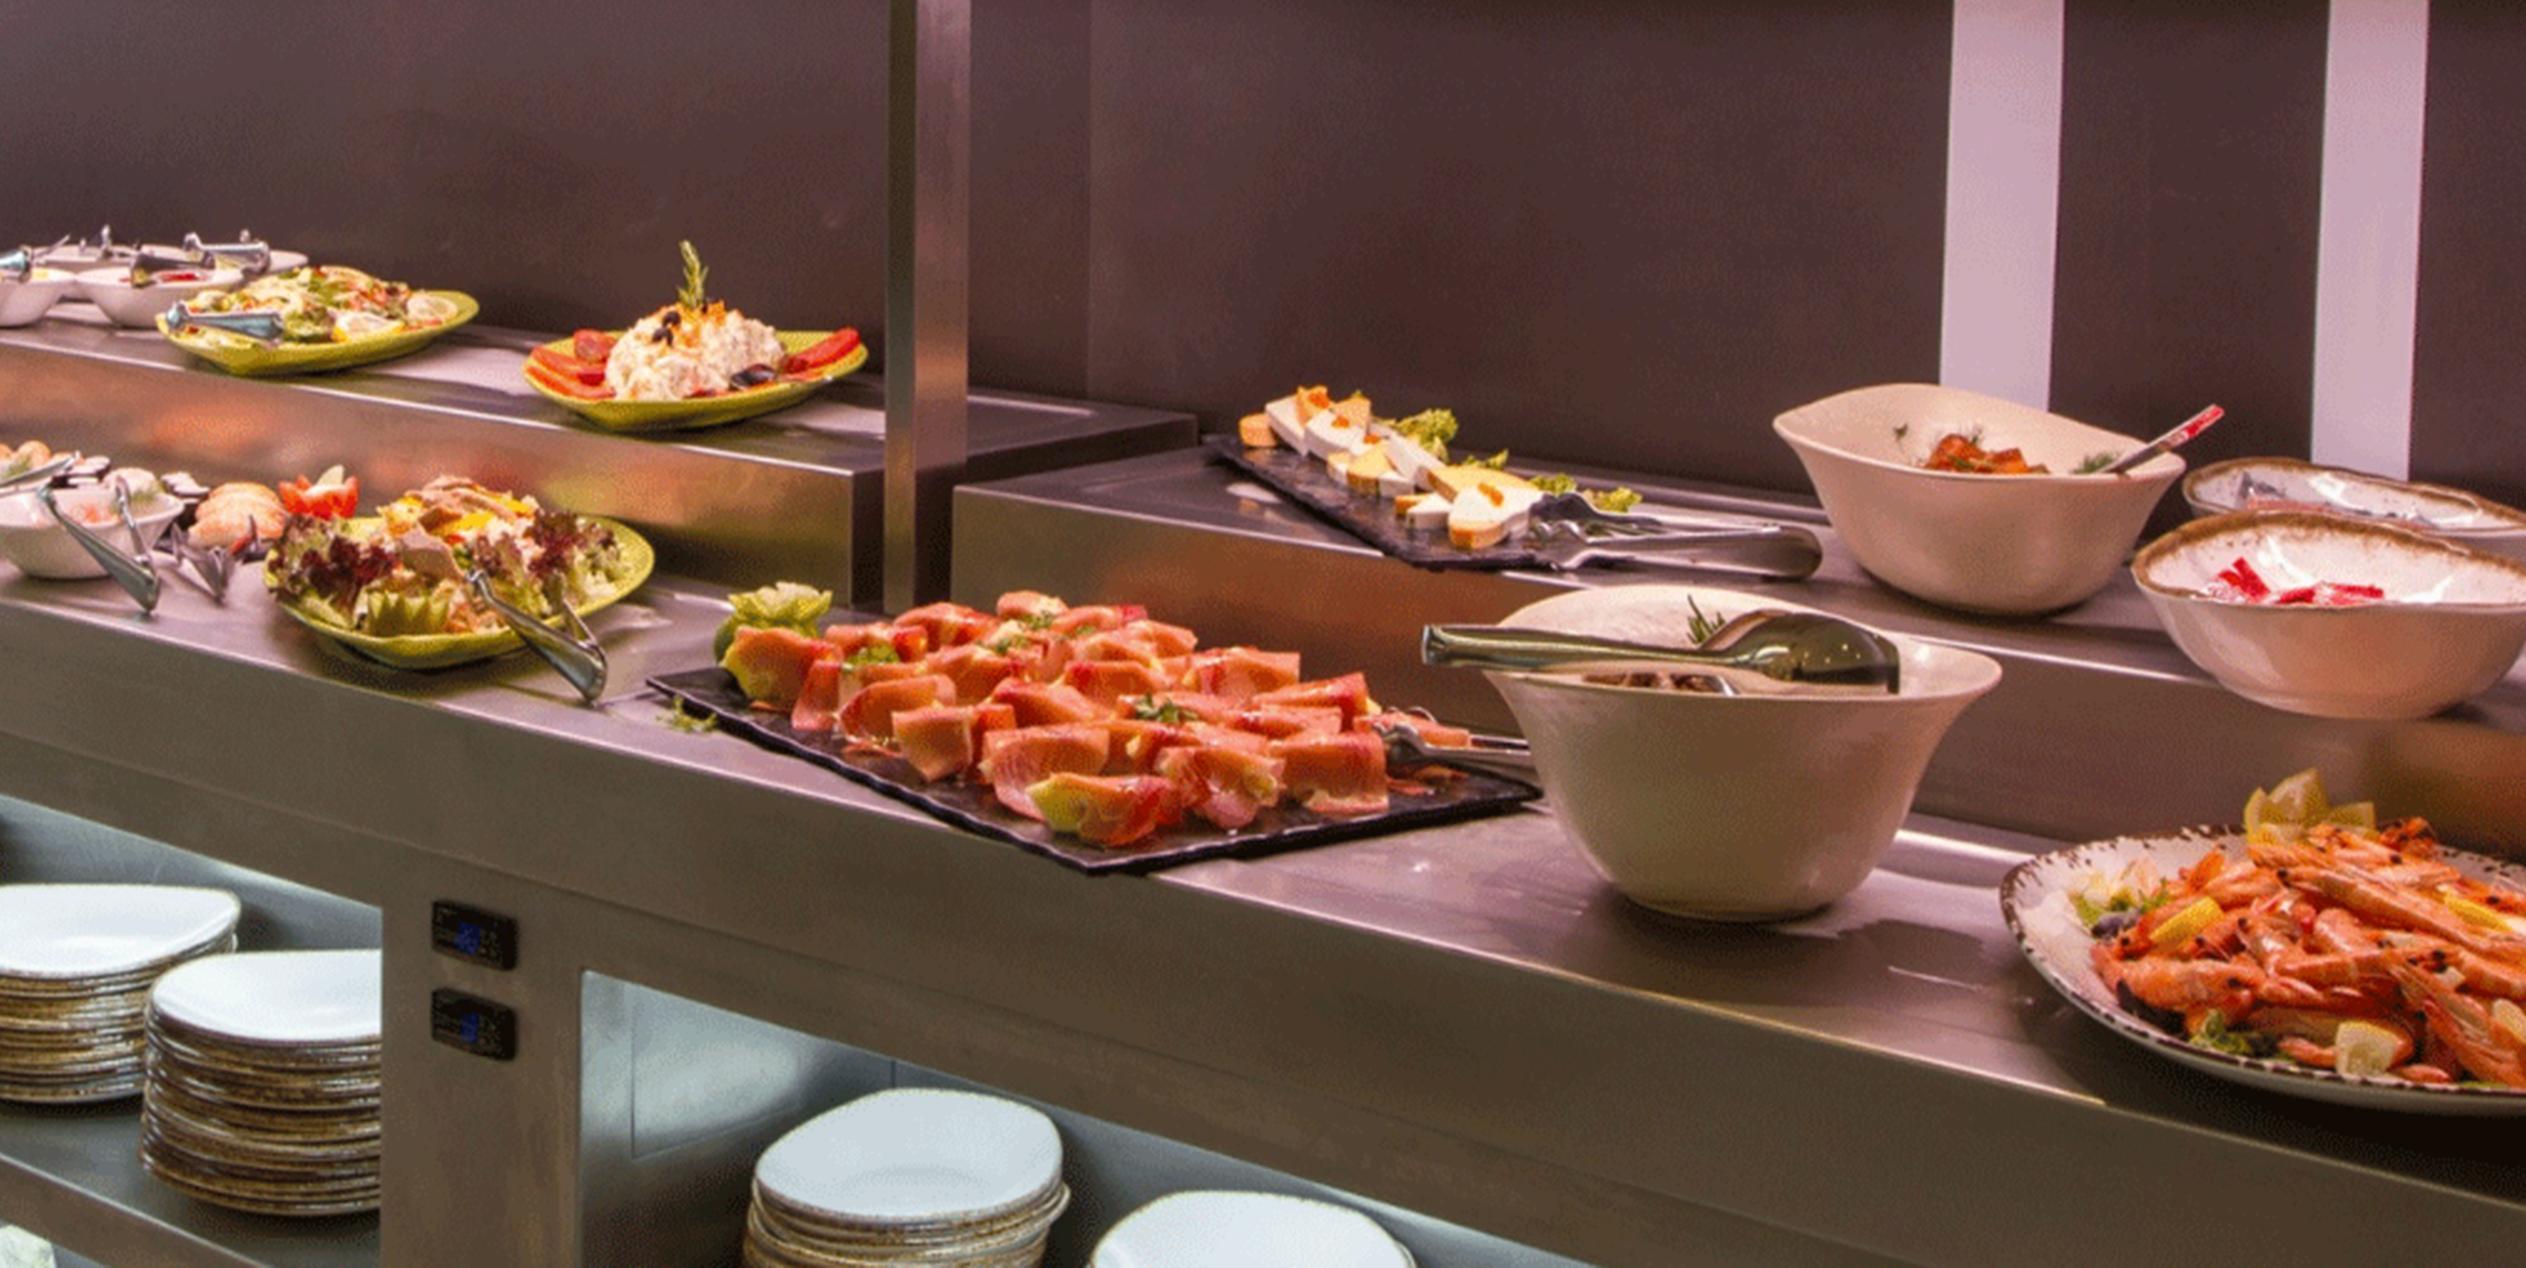 Bonito Gran Cocina Diseña Fotos Bosquejo - Como Decorar la Cocina ...